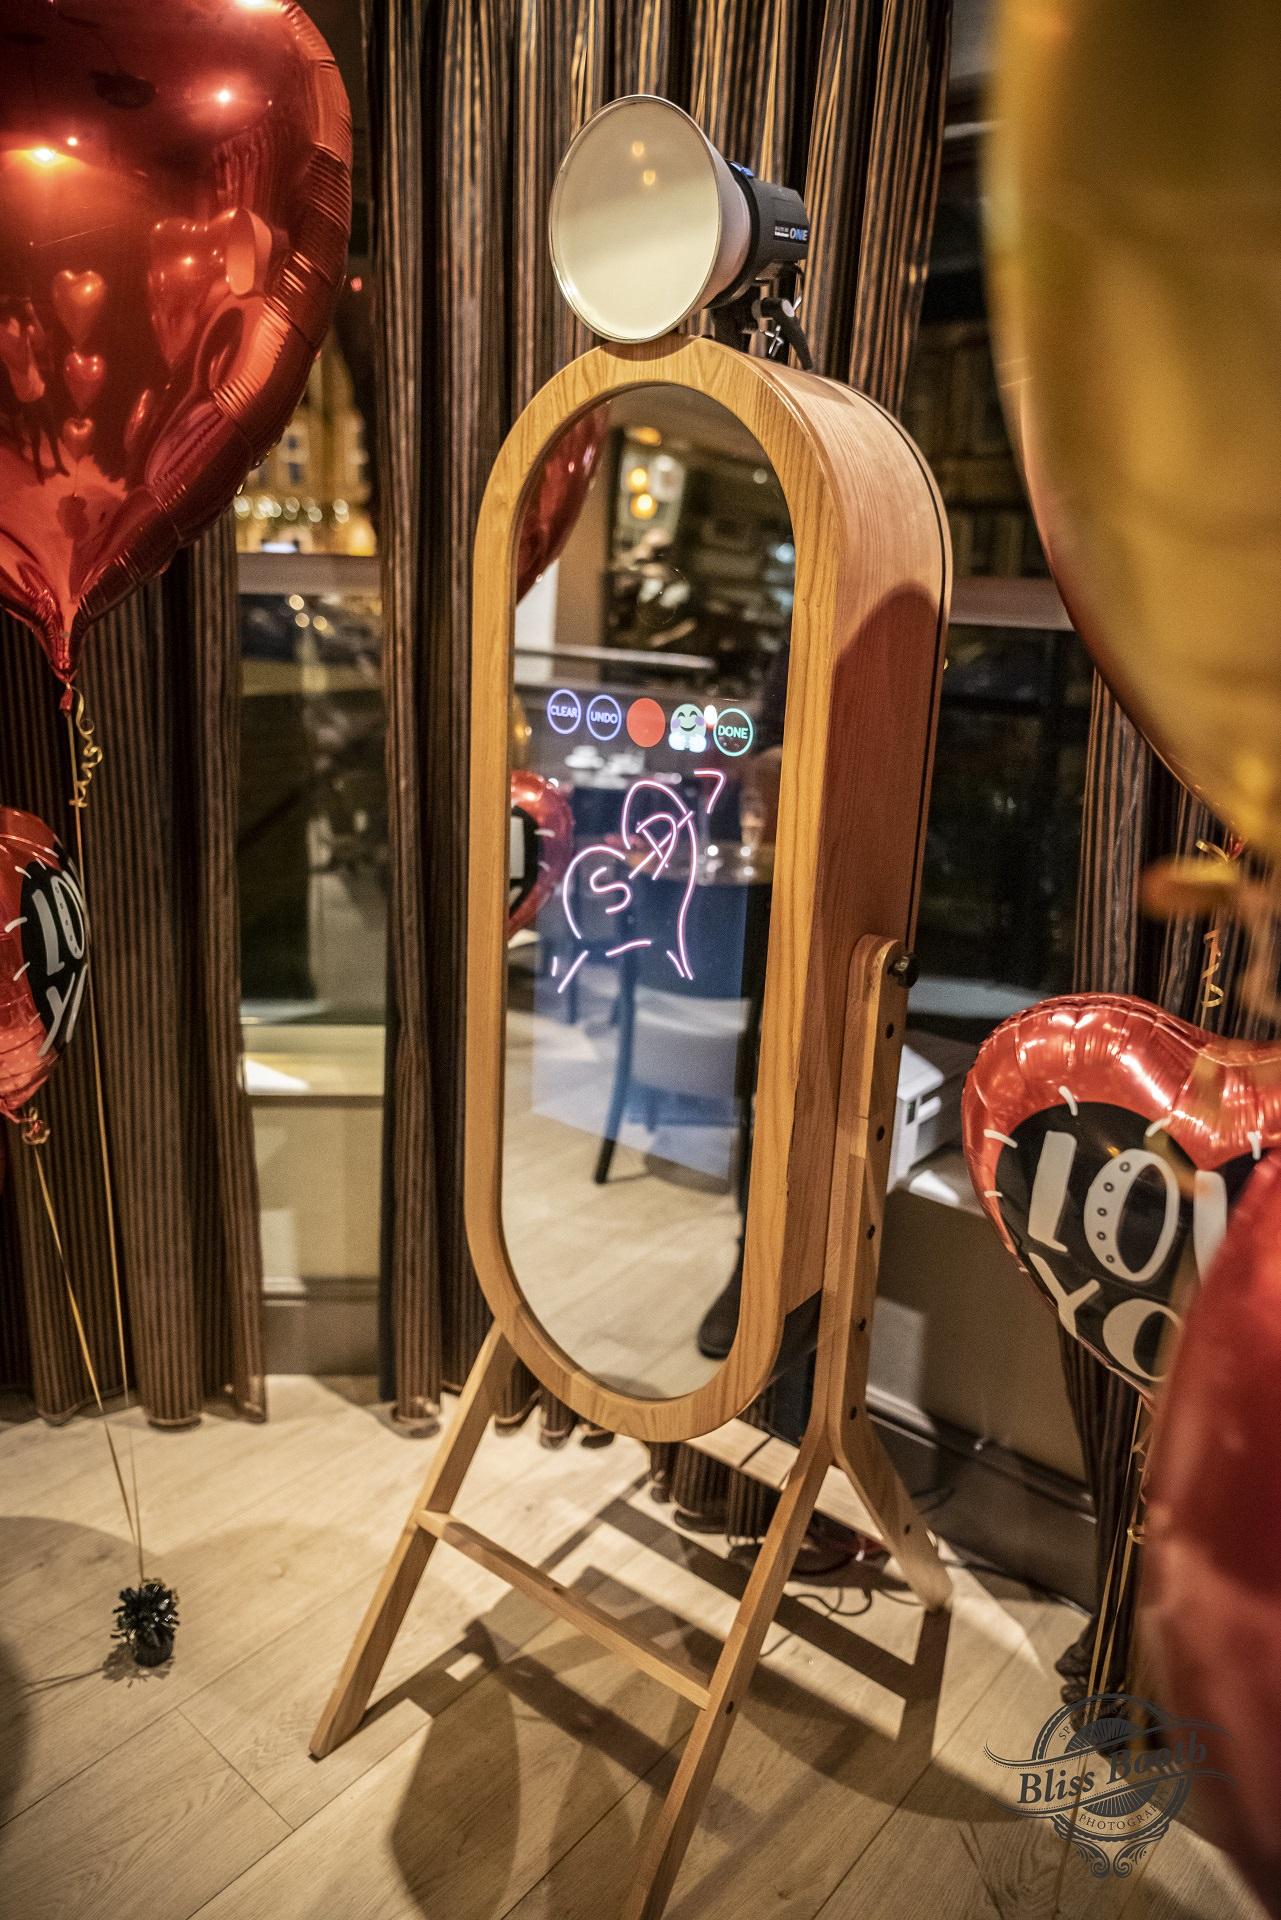 Retro Mirror Photo Booth Hire - More Info